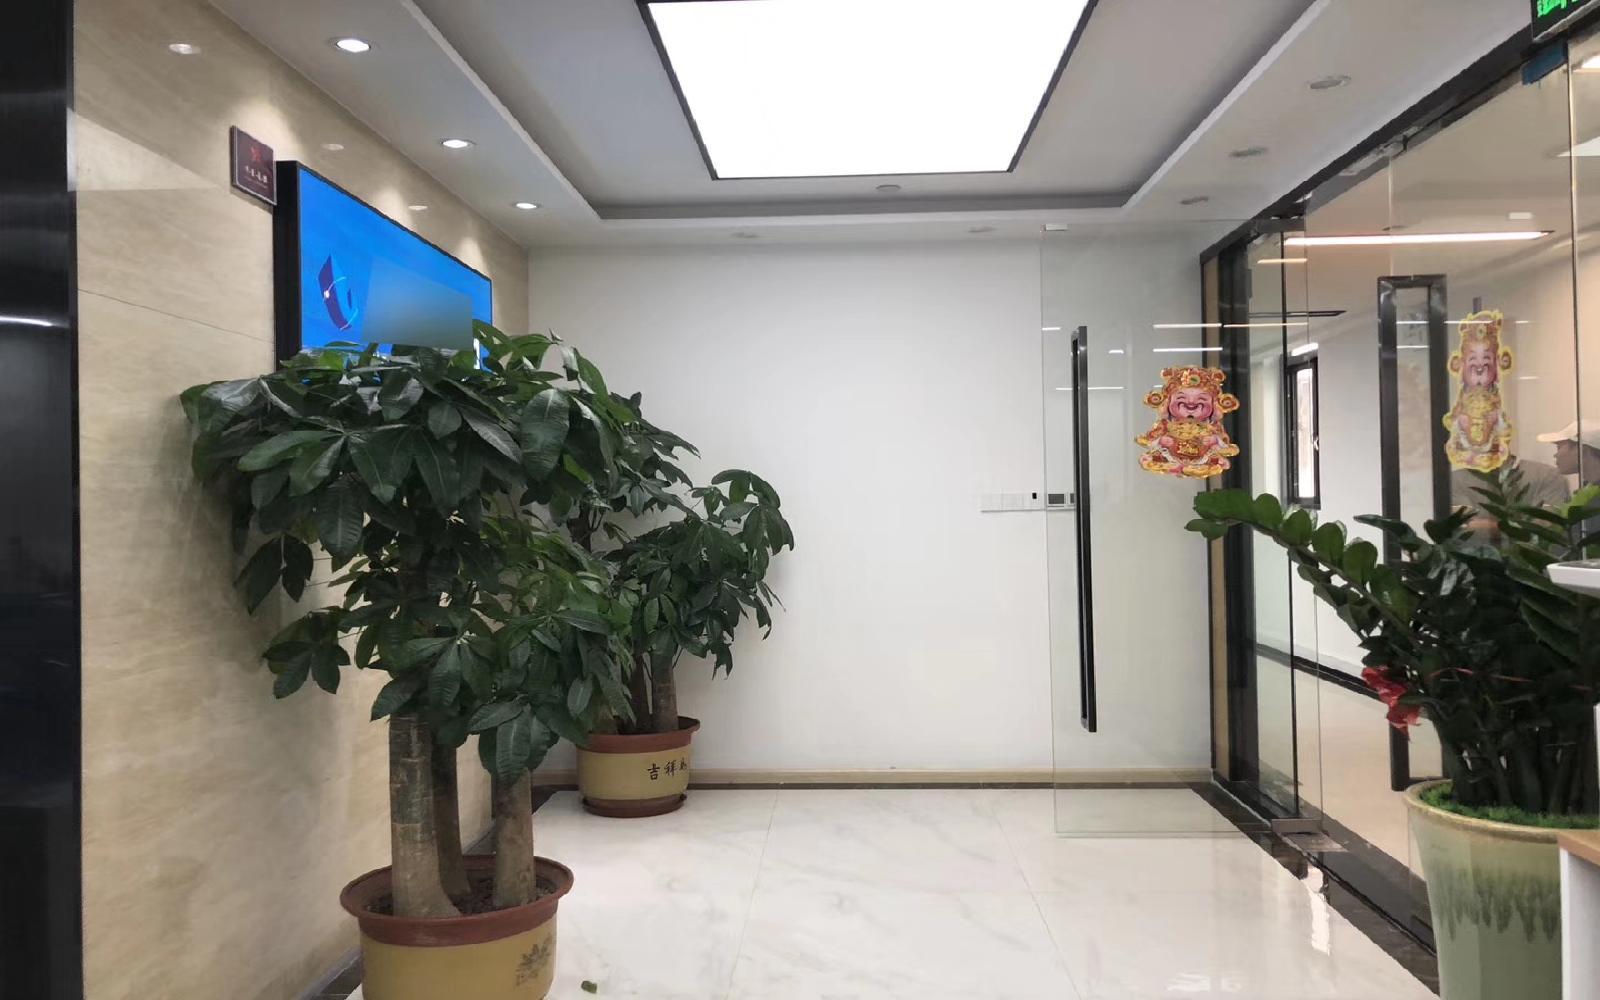 南山-科技园 深圳湾科技生态园(二期) 228m²